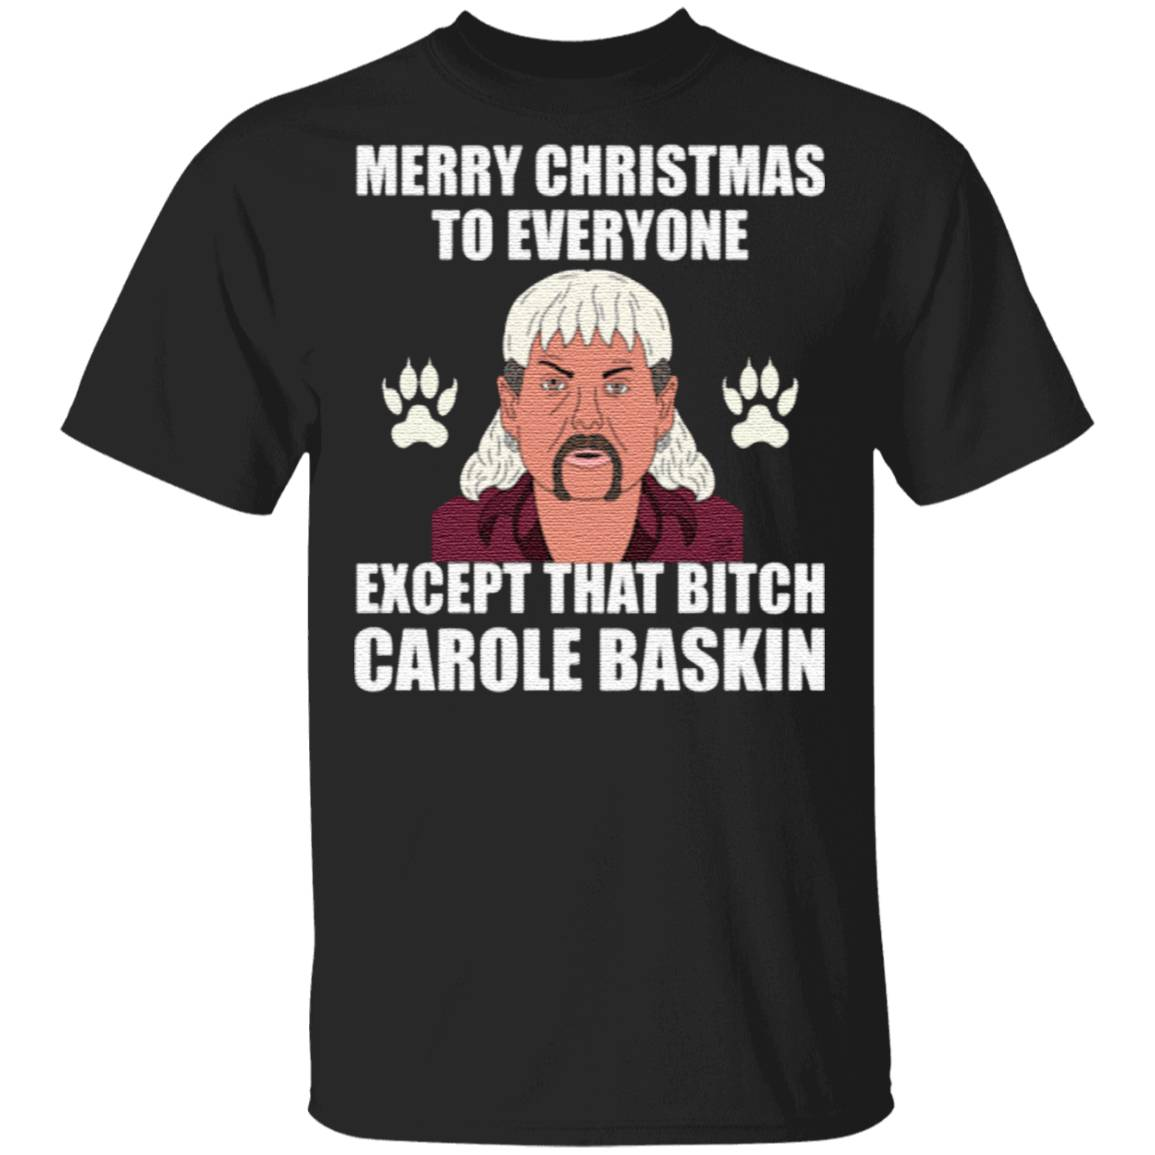 Tiger King Joe Exotic Merry Christmas To Everyone Christmas TShirt